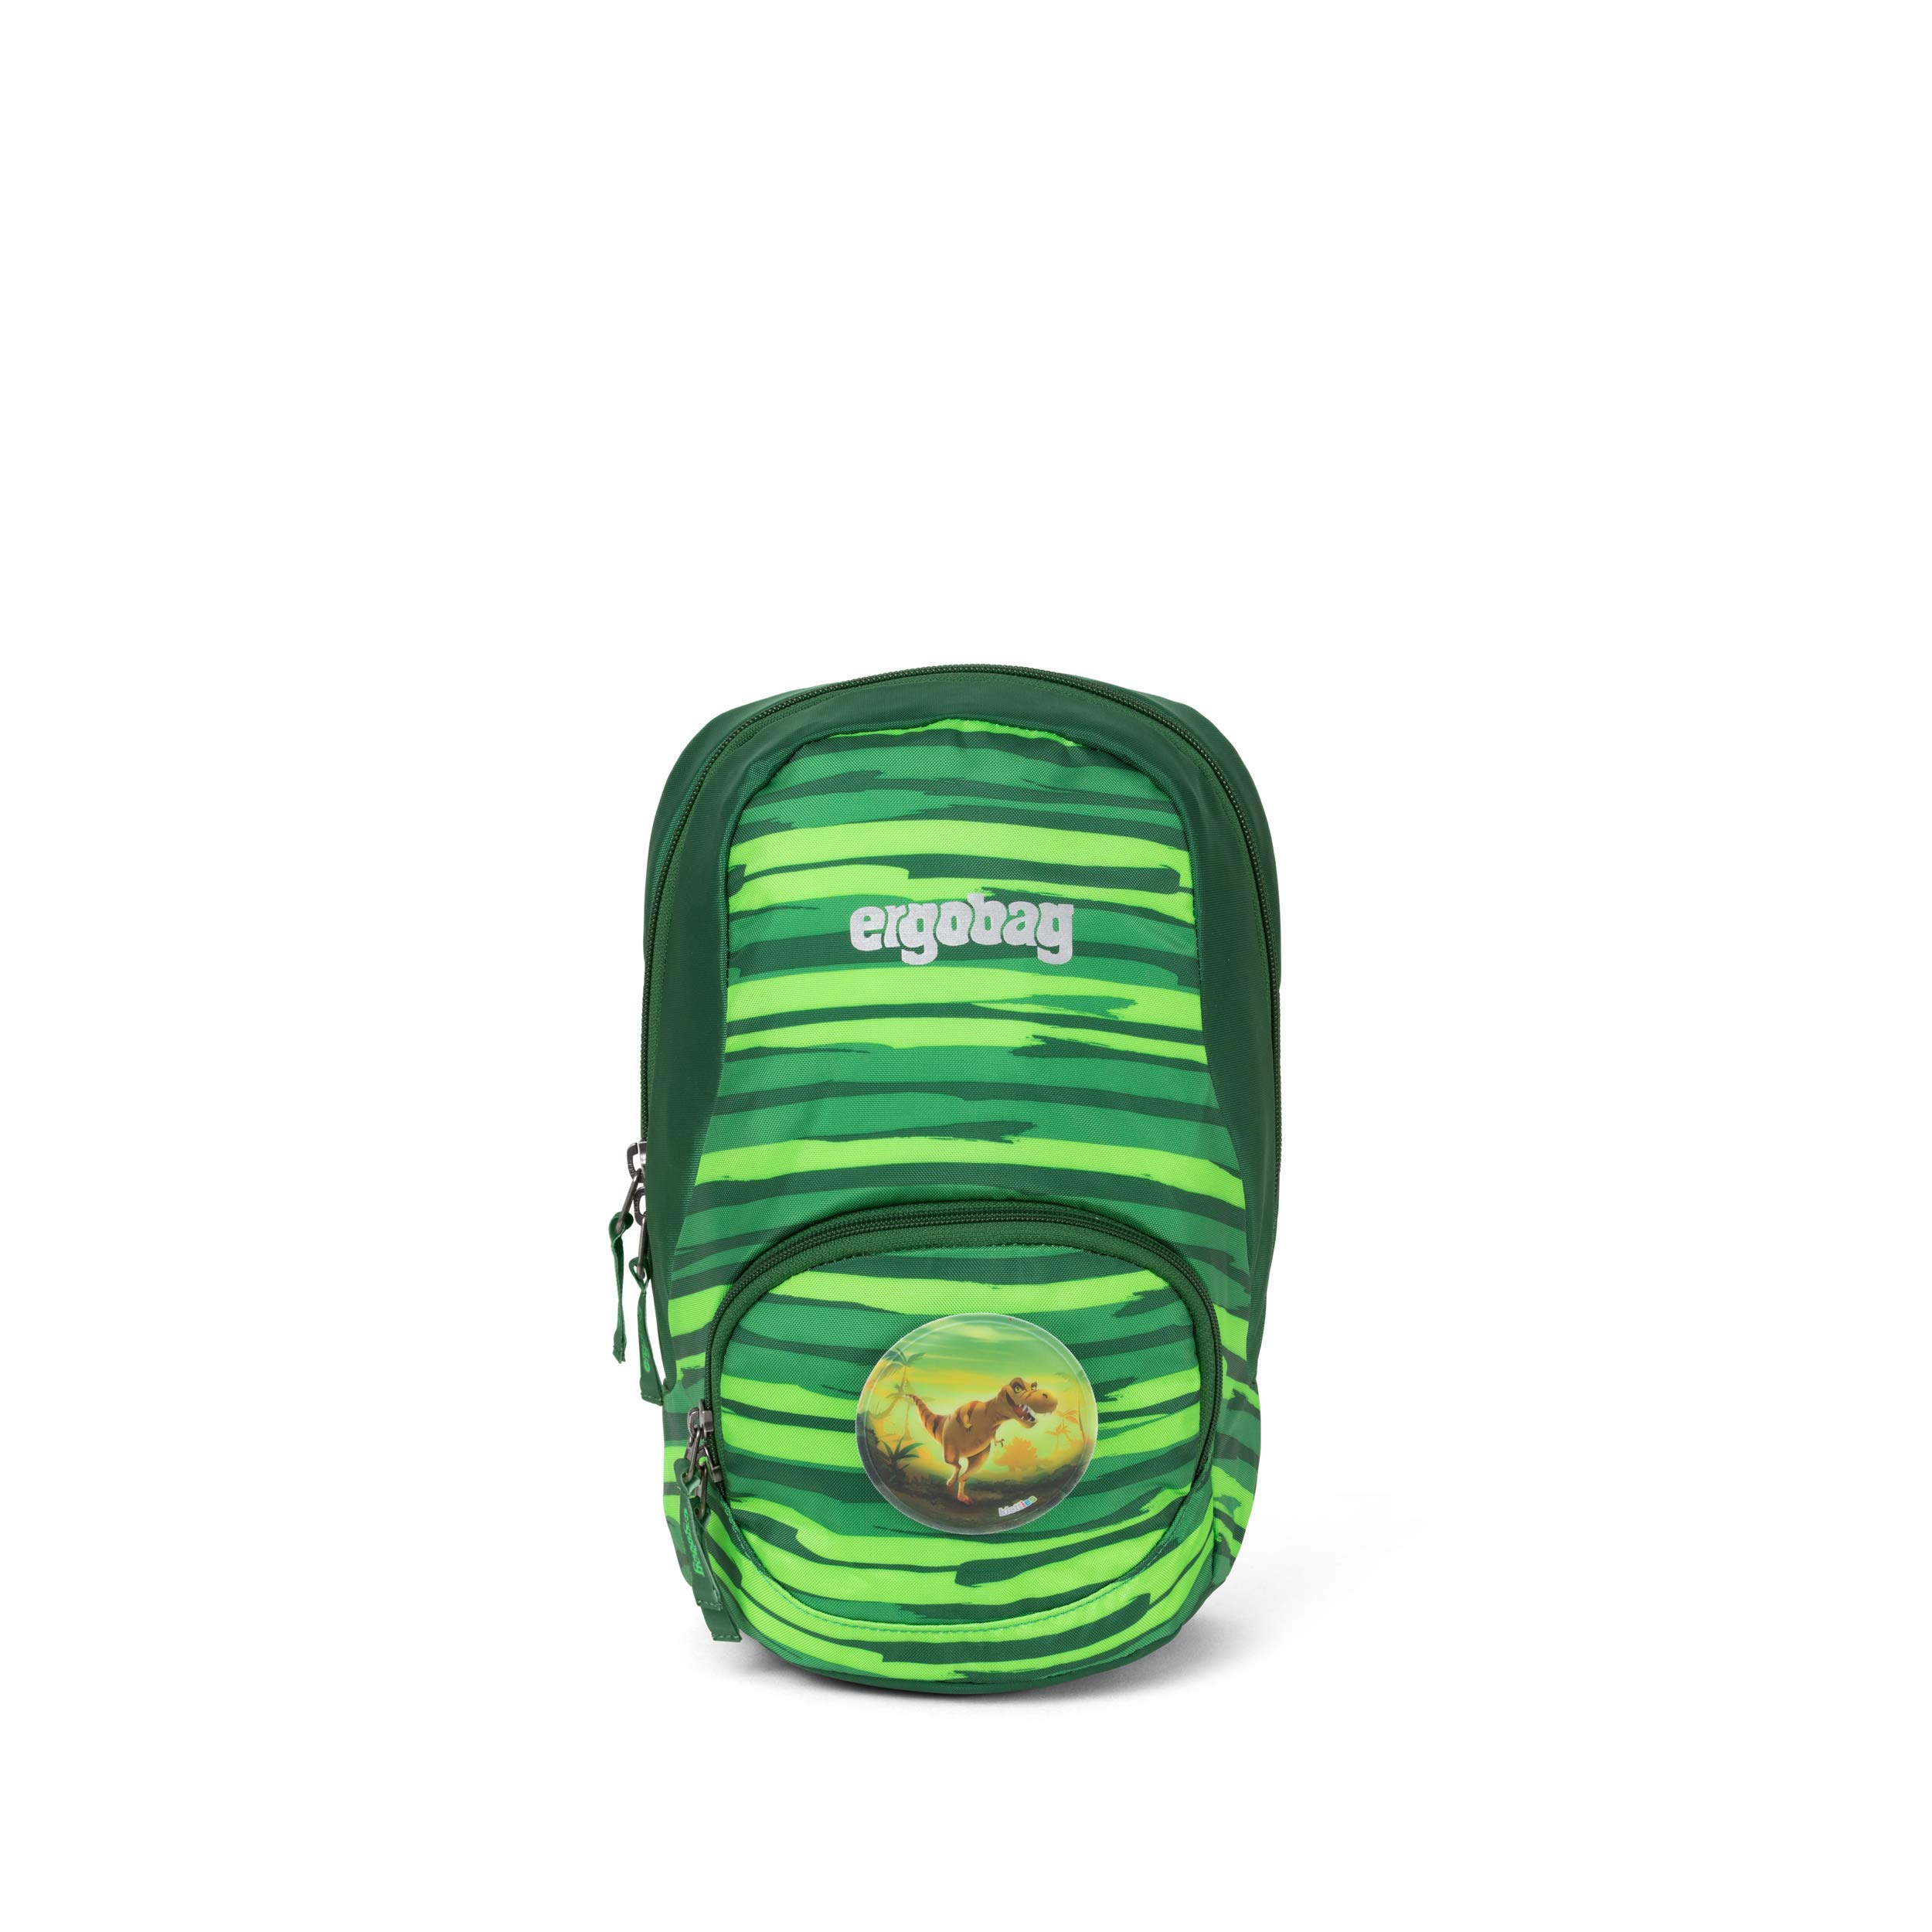 Ergobag Kindertasche grün